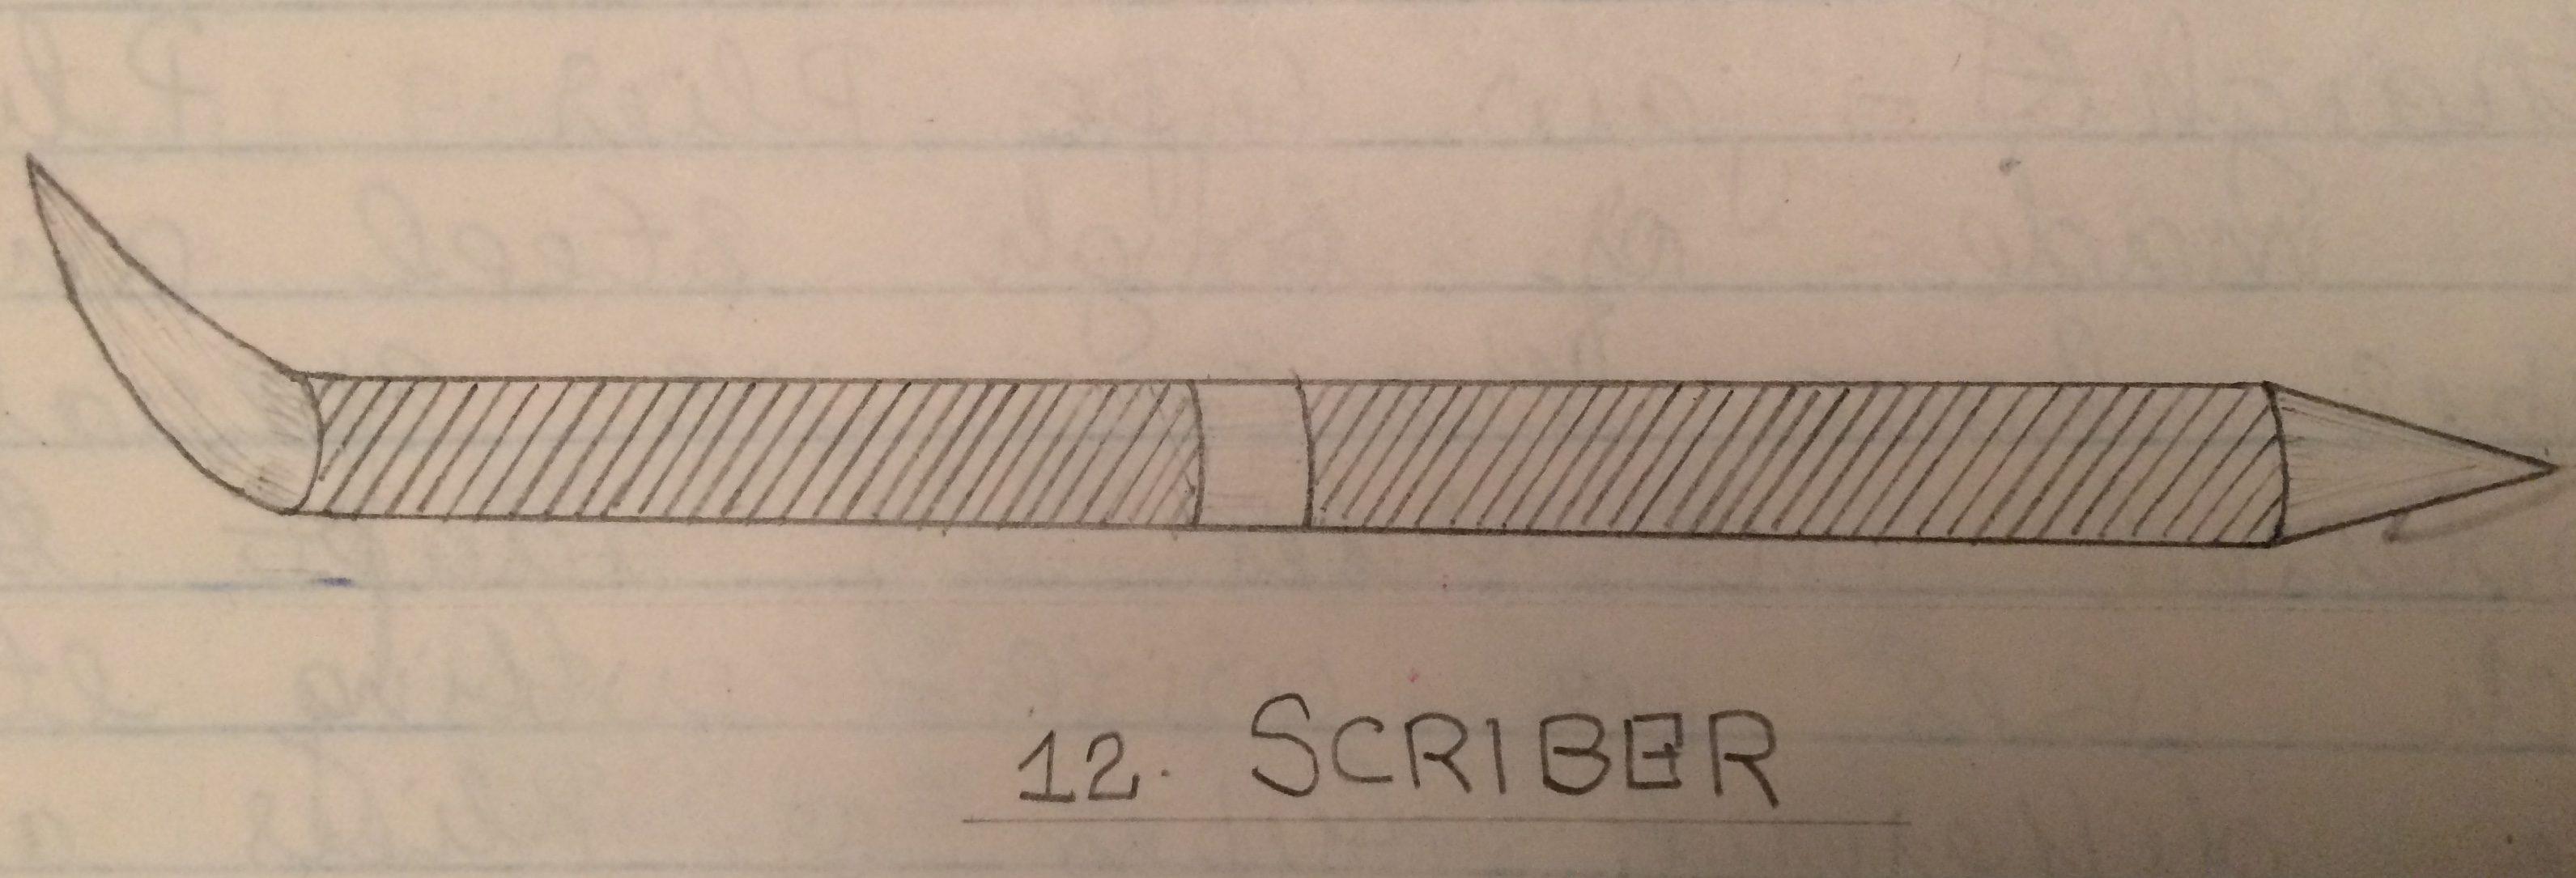 Scriber